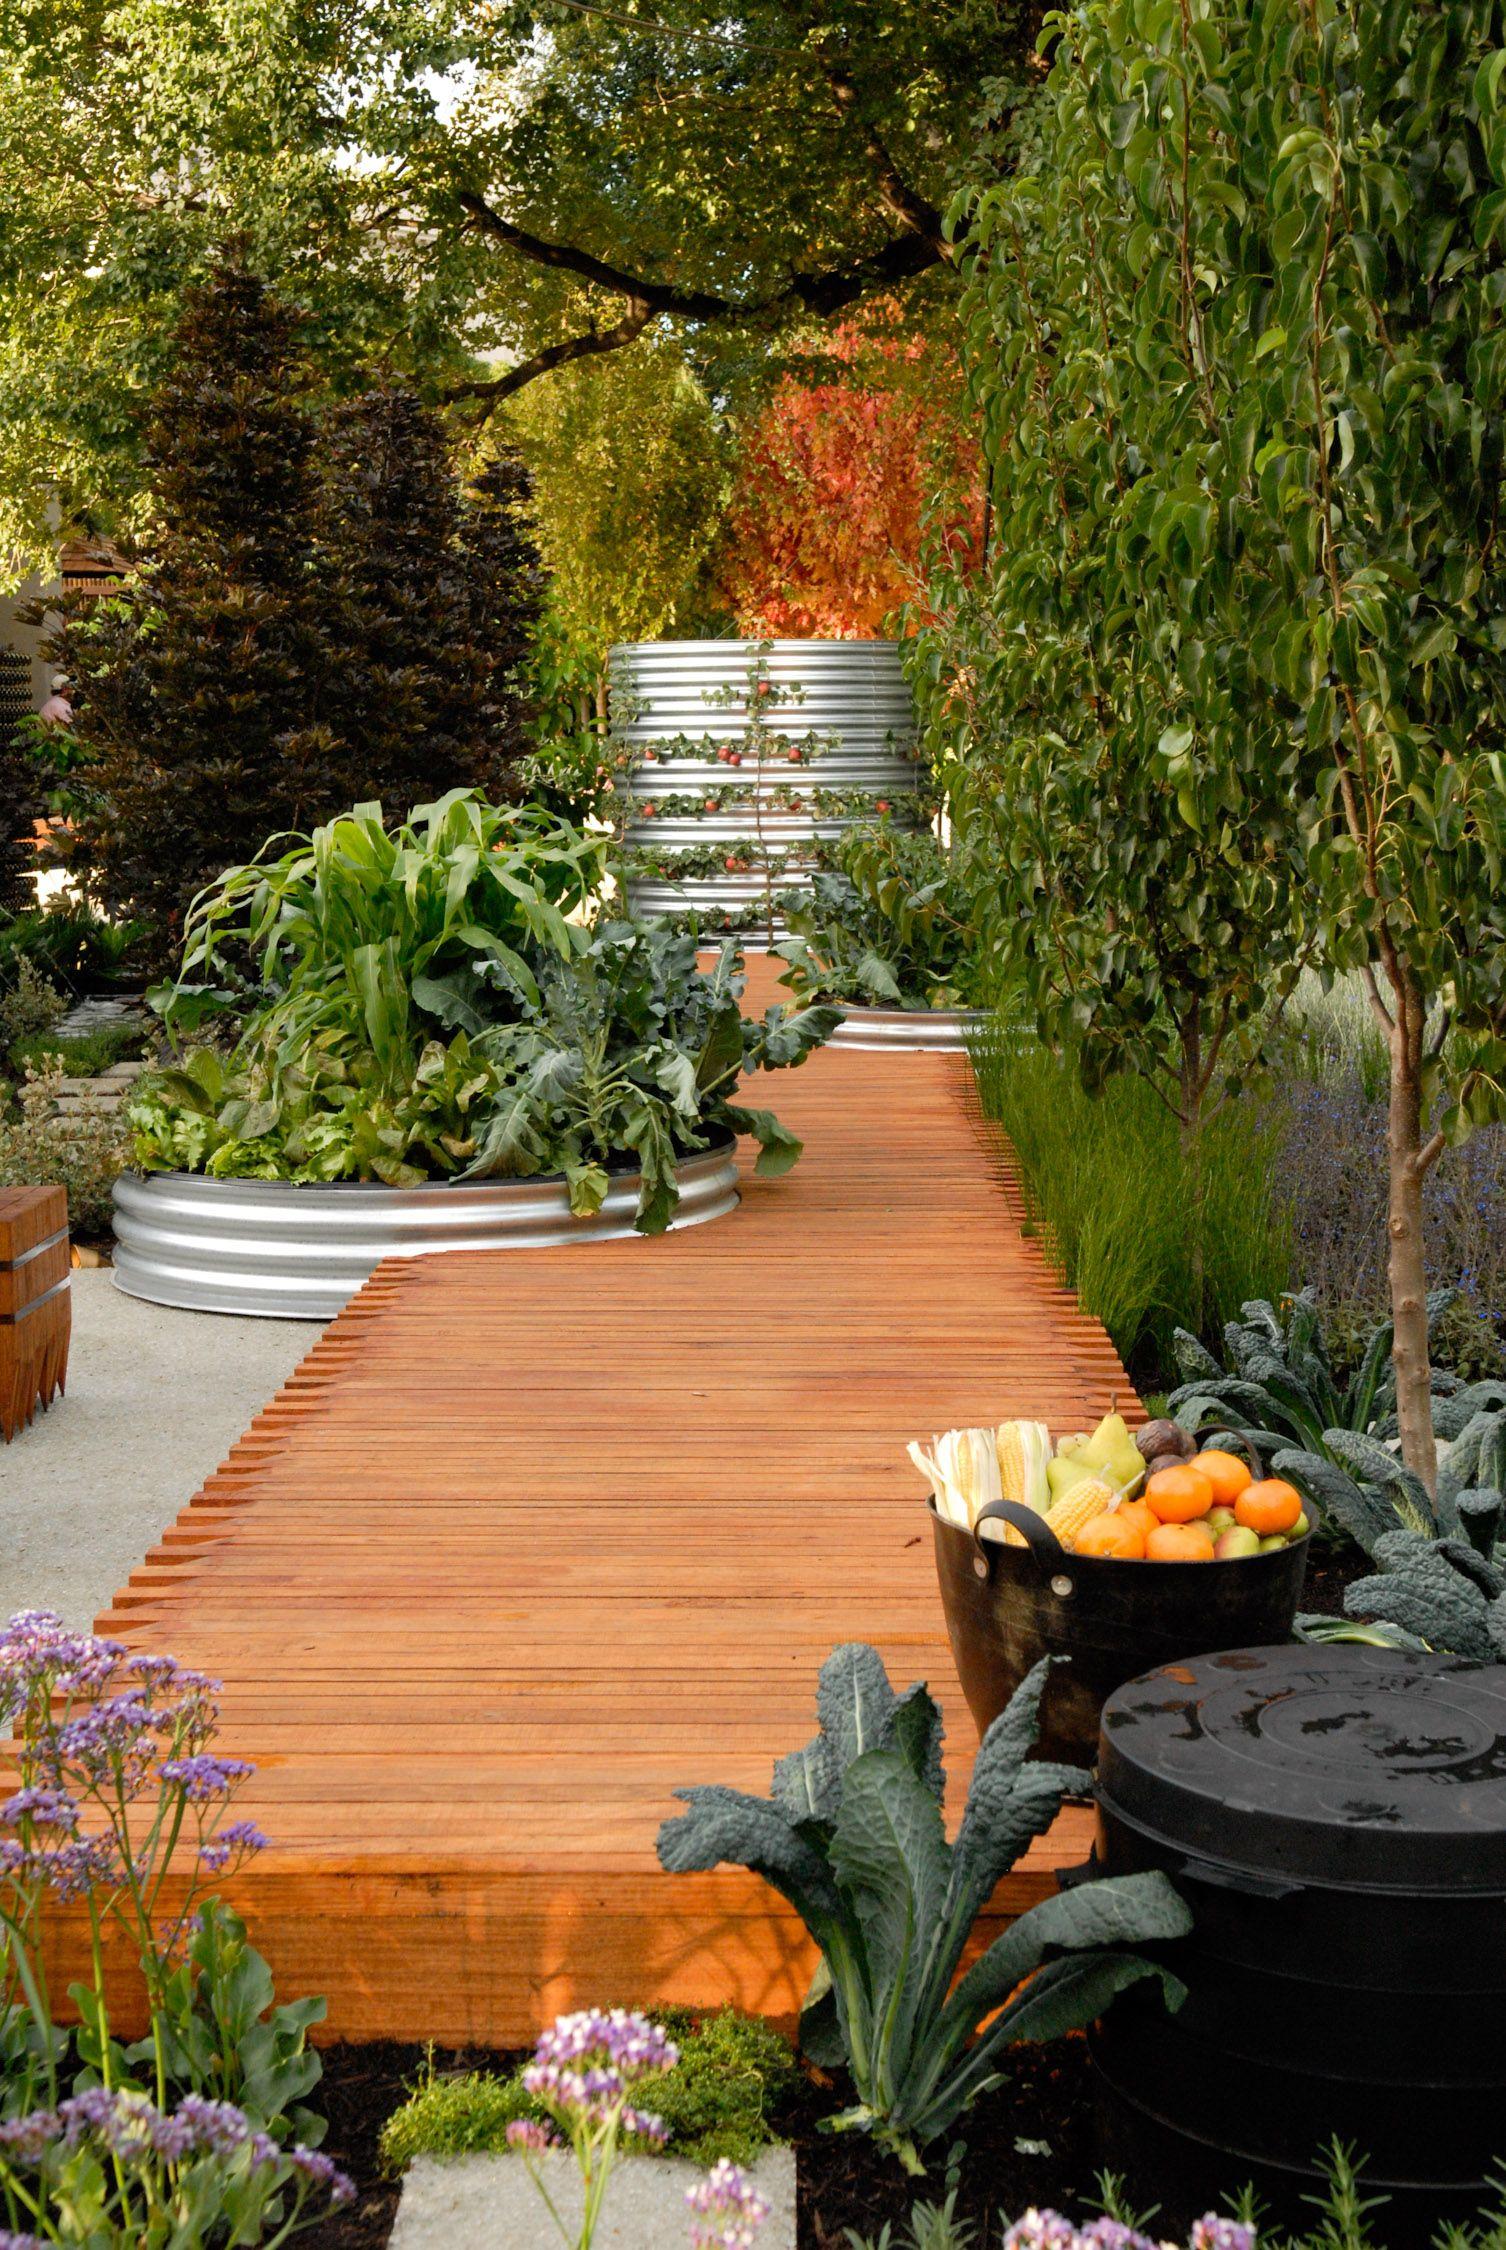 Food garden in 2020 | Landscape design, Architects ...